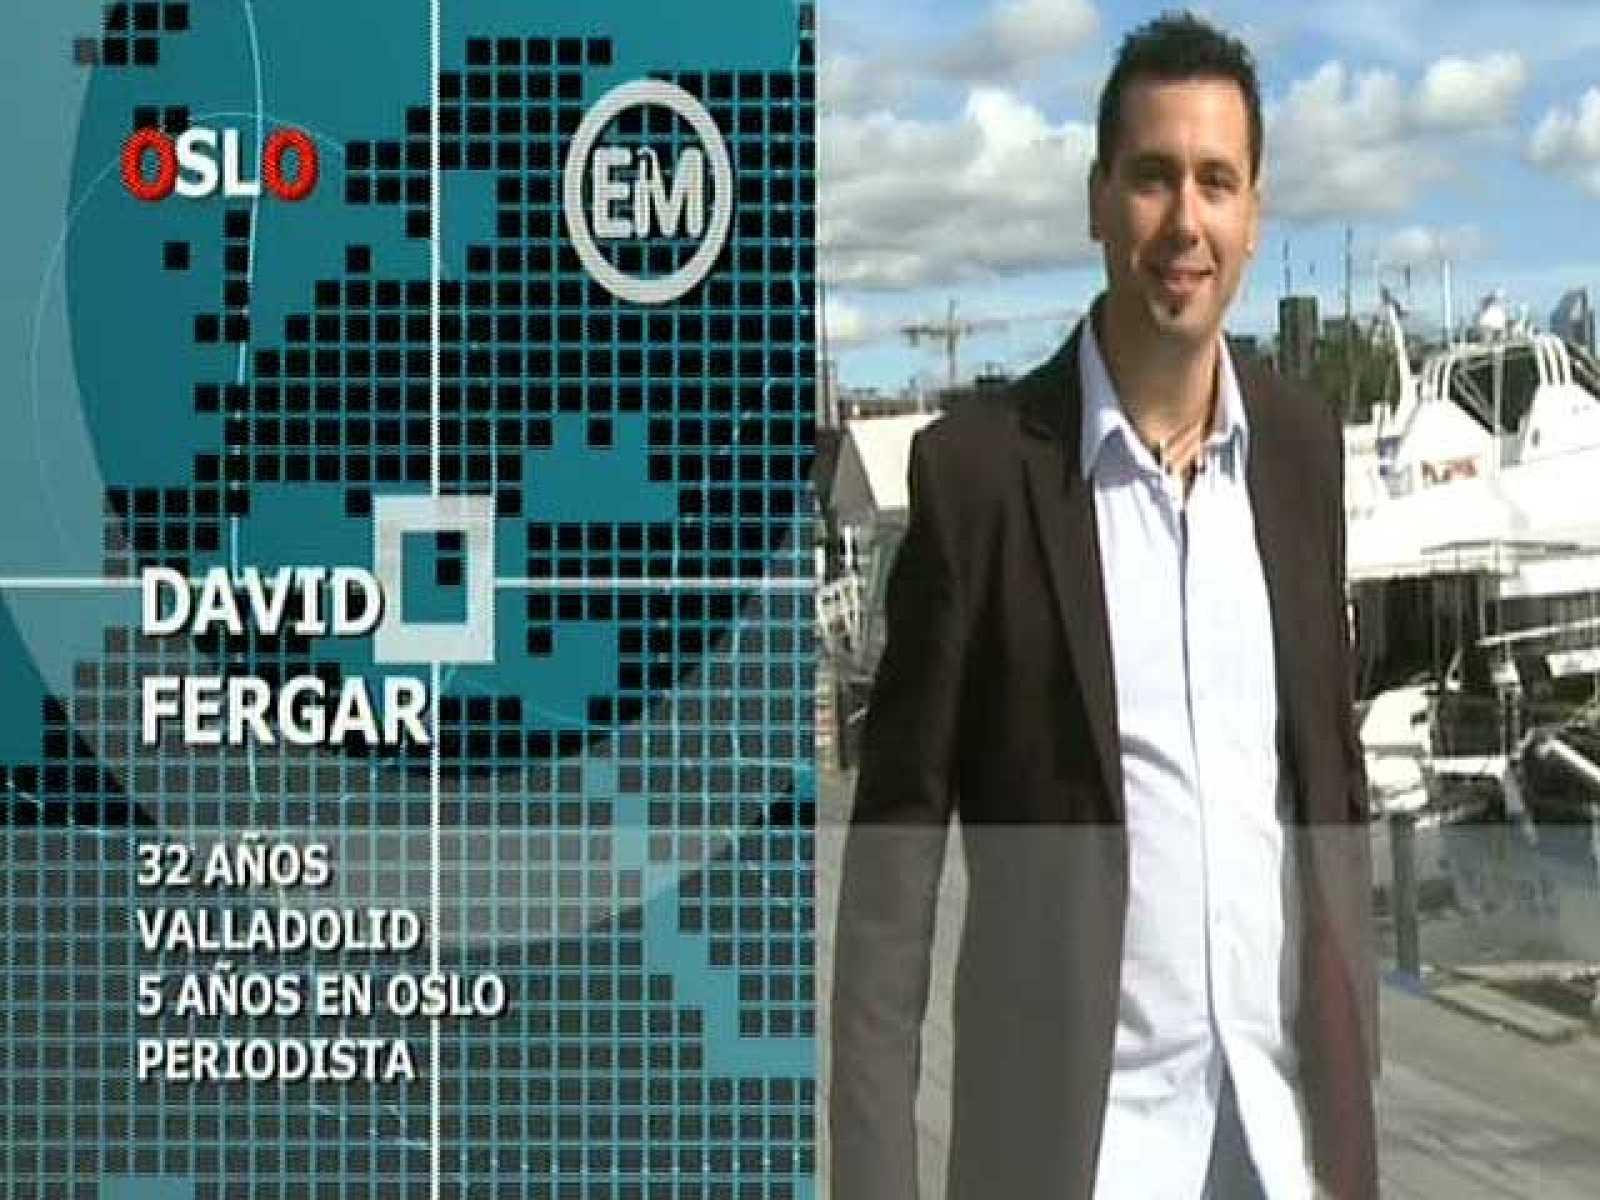 Españoles en el mundo - Oslo - David